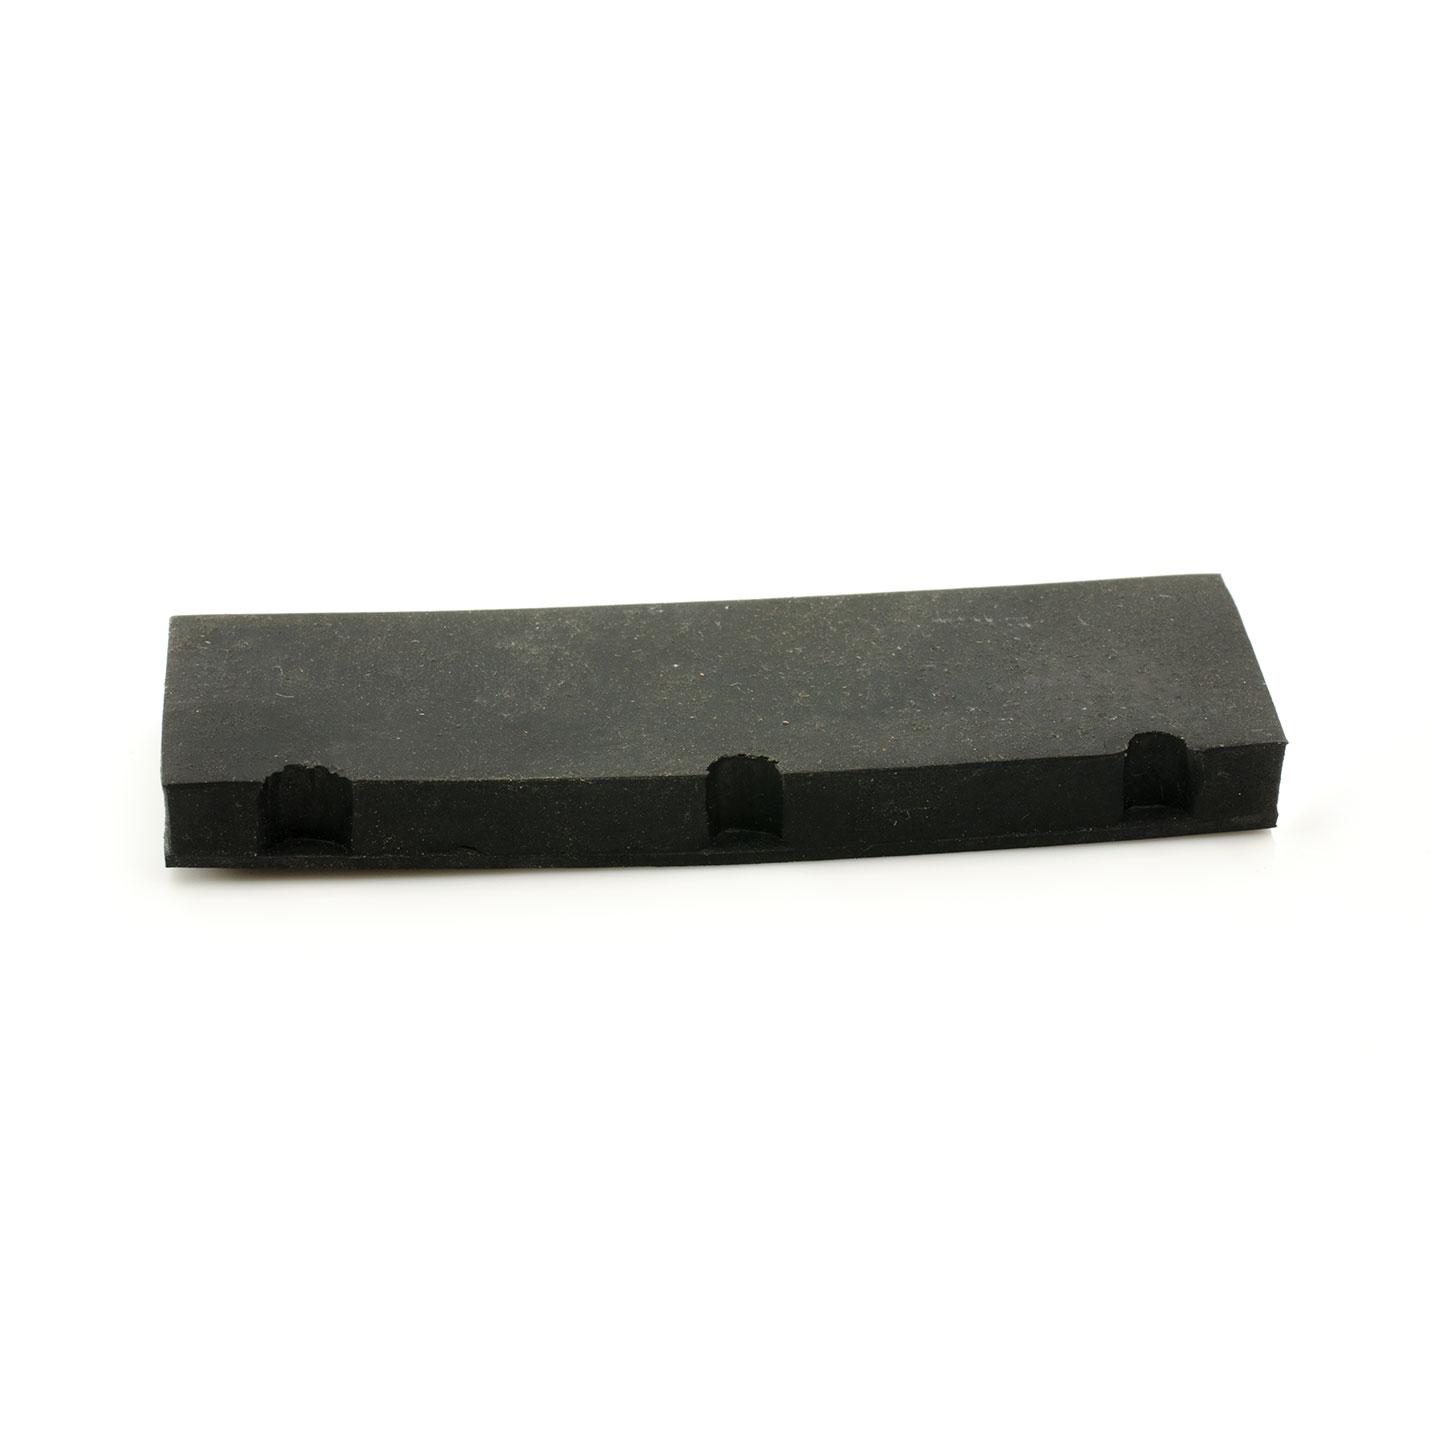 Bench Block Pièces de remplacement en caoutchoucs